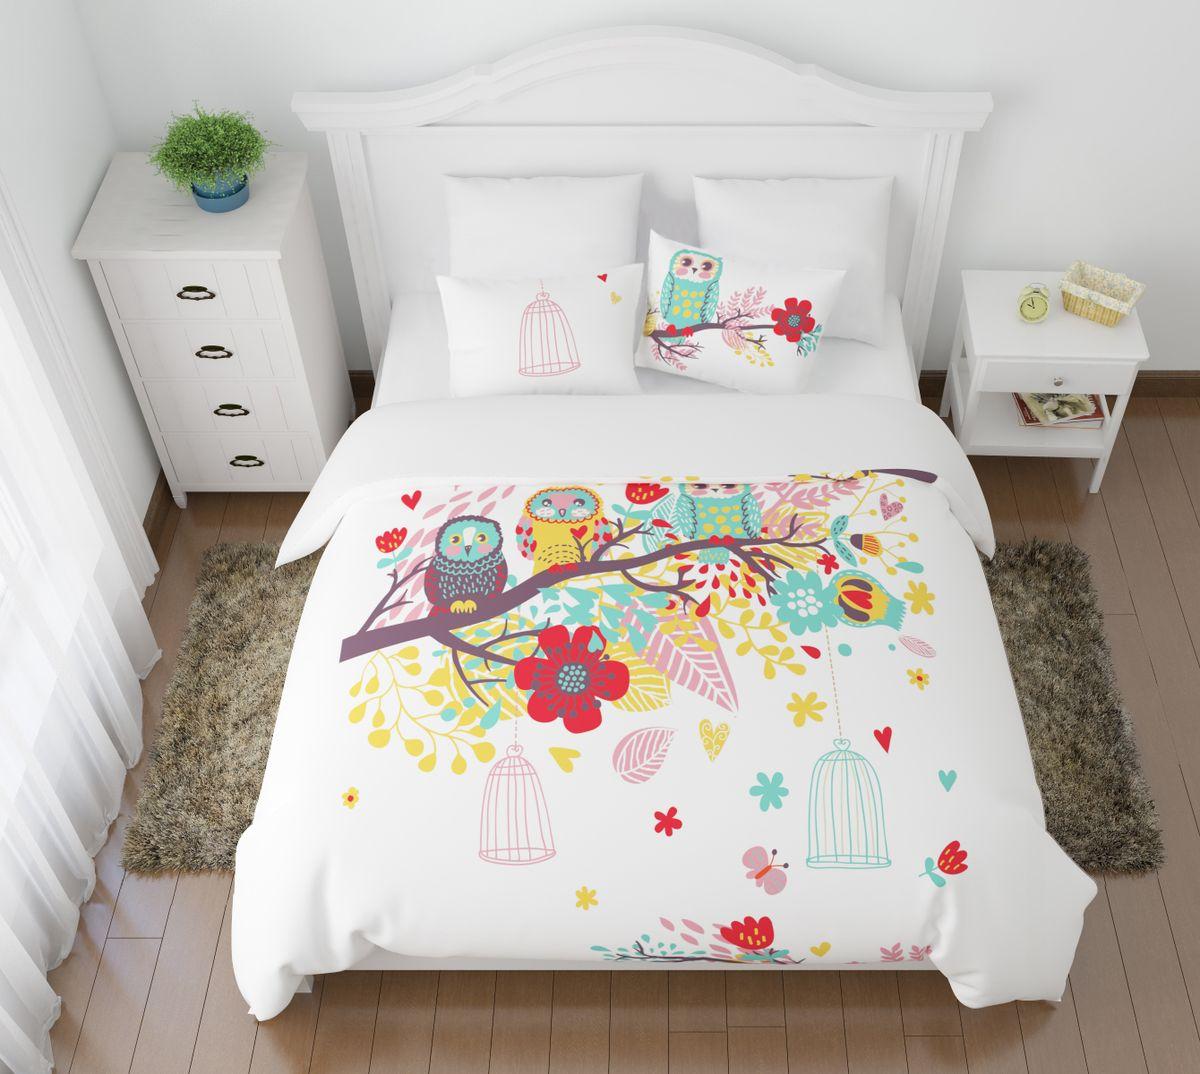 Комплект белья Сирень Волшебный сон, 1,5-спальный, наволочки 50x7002679-КПБ-МКомплект постельного белья Сирень выполнен из прочной и мягкой ткани. Четкий и стильный рисунок в сочетании с насыщенными красками делают комплект постельного белья неповторимой изюминкой любого интерьера. Постельное белье идеально подойдет для подарка. Идеальное соотношение смешенной ткани и гипоаллергенных красок это гарантия здорового, спокойного сна. Ткань хорошо впитывает влагу, надолго сохраняет яркость красок. Цвет простыни, пододеяльника, наволочки в комплектации может немного отличаться от представленного на фото. В комплект входят: простынь - 150х220см; пододельяник 145х210 см; наволочка - 50х70х2шт. Постельное белье легко стирать при 30-40 градусах, гладить при 150 градусах, не отбеливать.Рекомендуется перед первым изпользованием постирать.